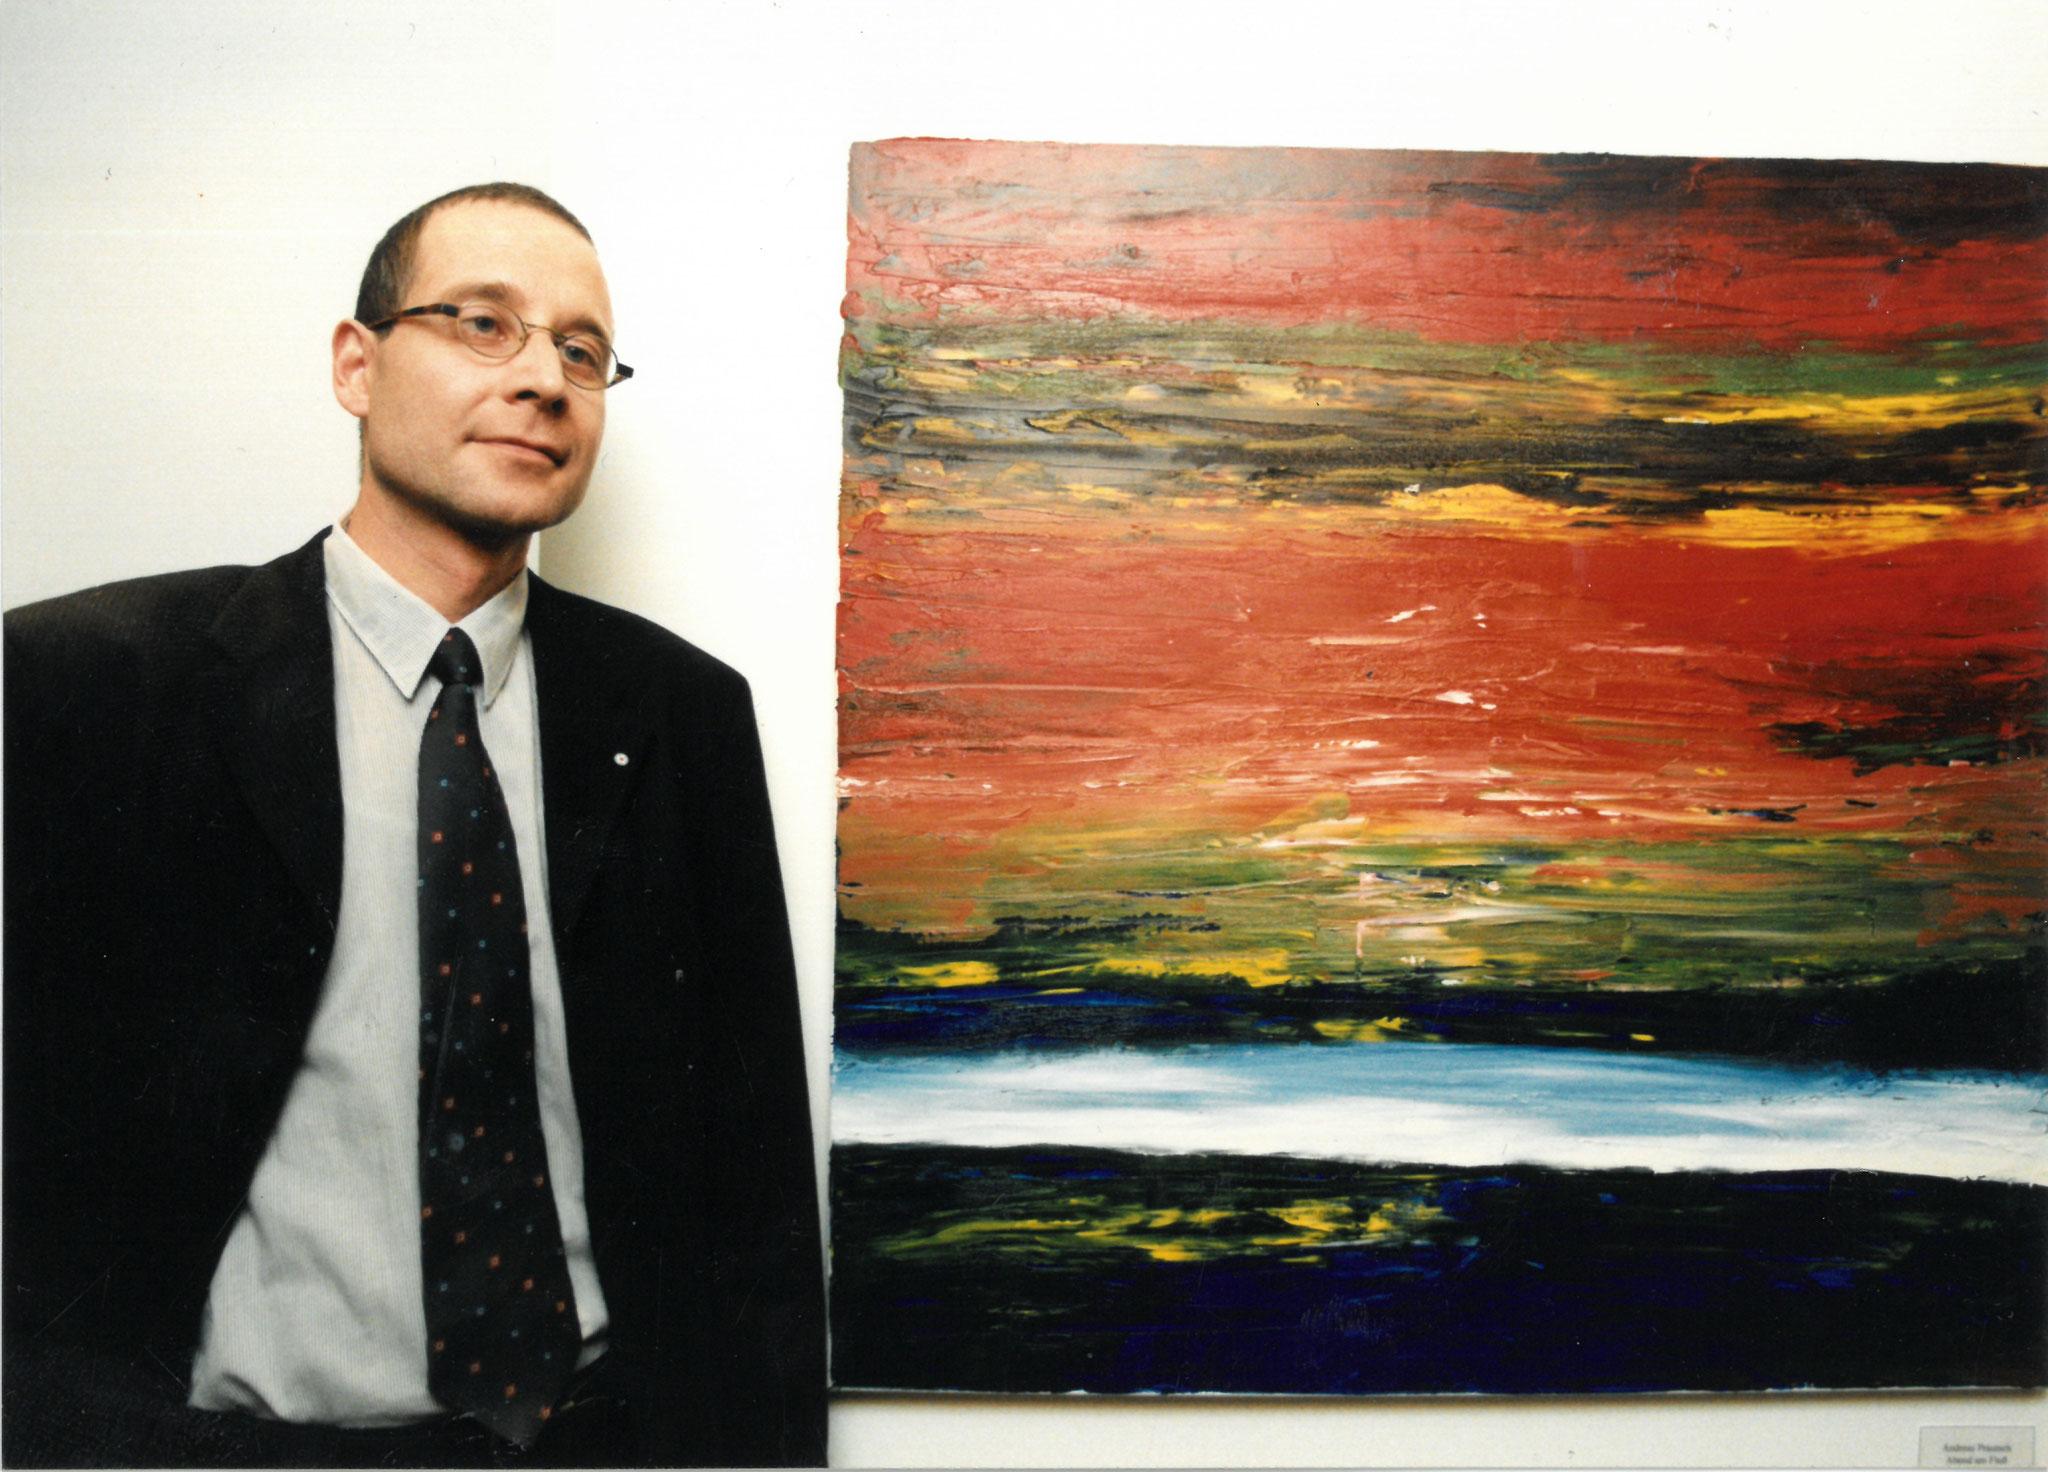 Die Sparkasse Wittenberg kauft Bilder von mir anläßlich der Errichtung der Hauptstelle - 1997